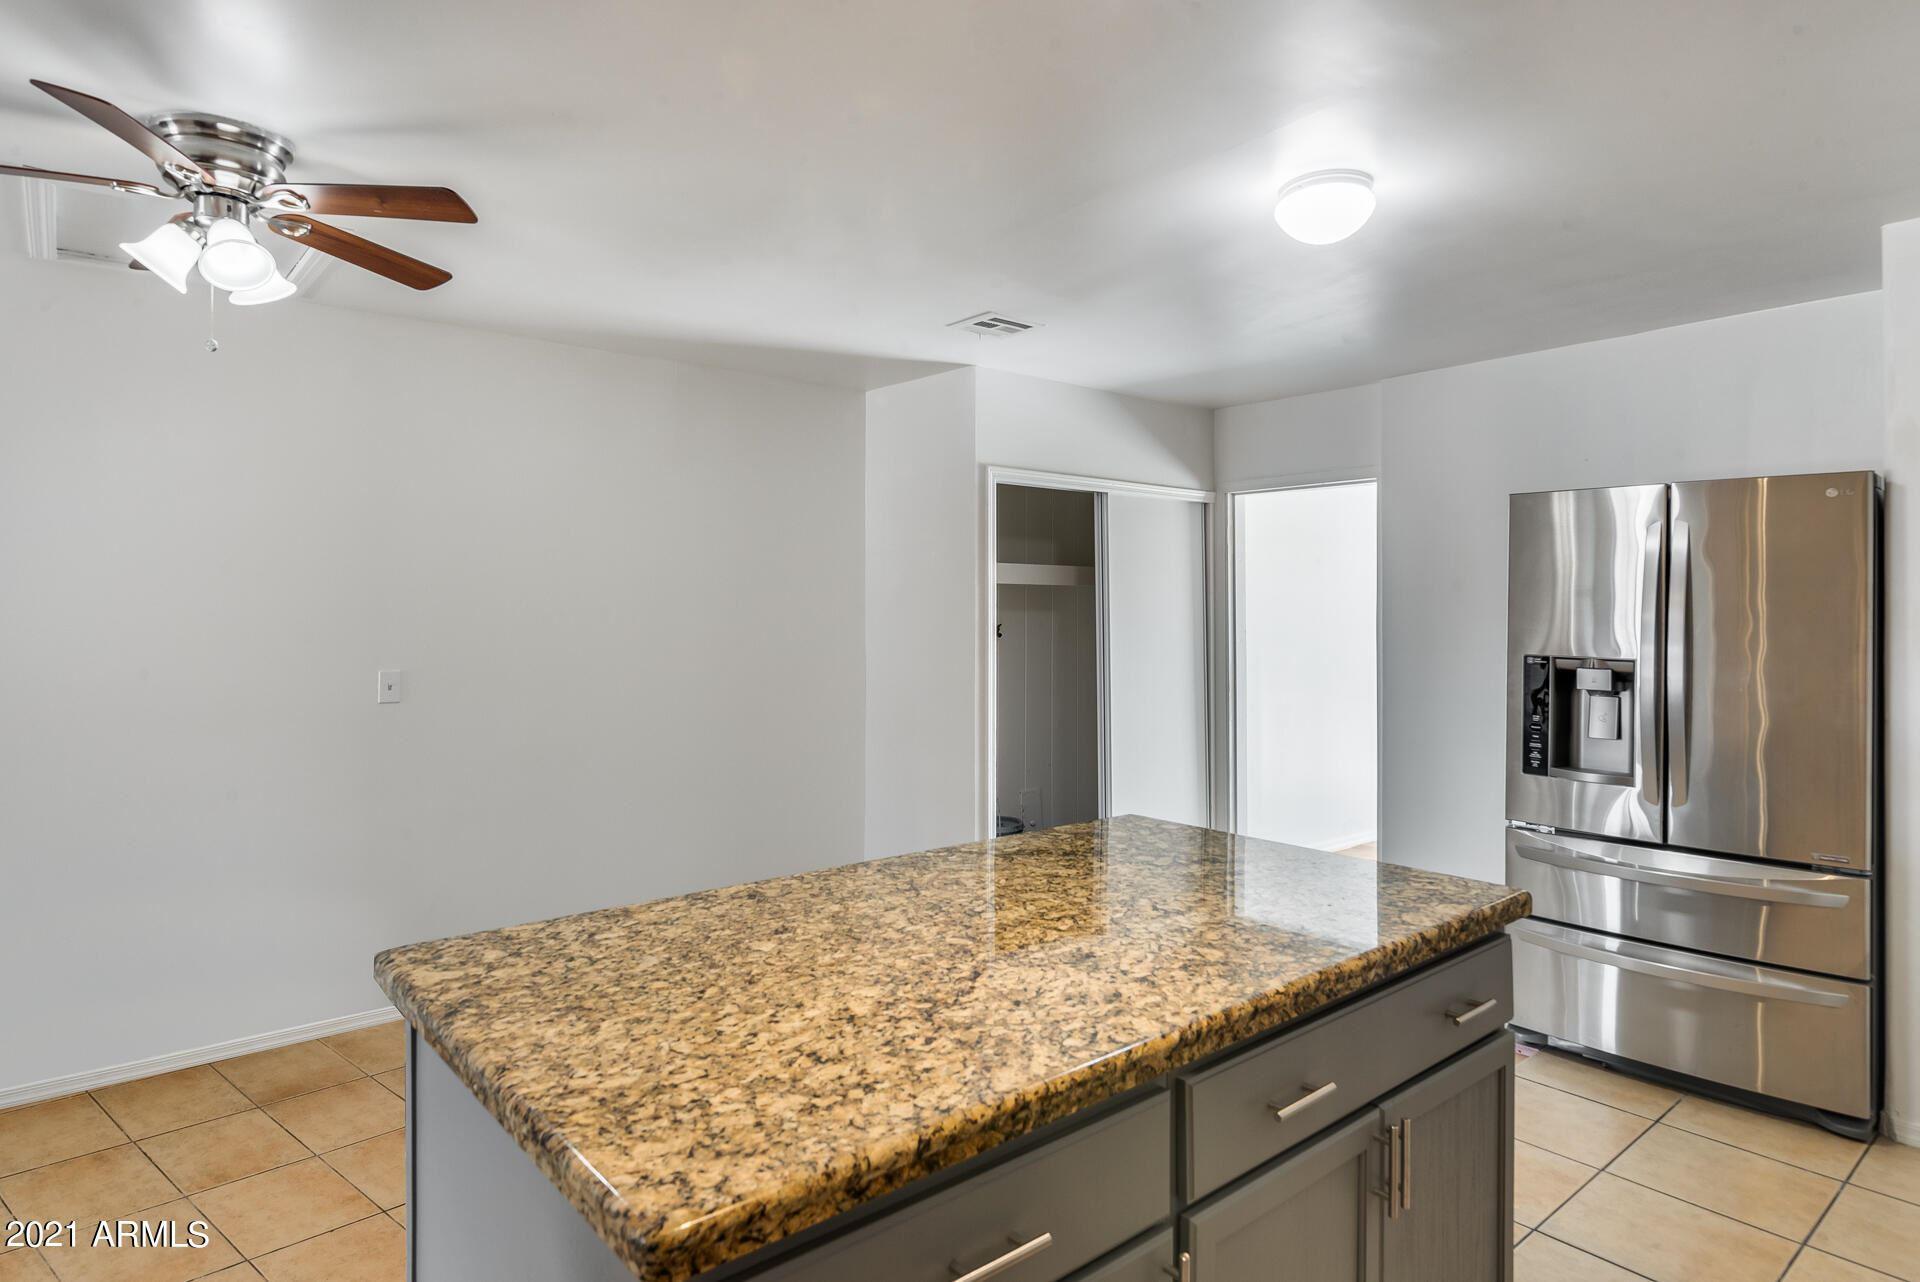 8138 W WHITTON Avenue, Phoenix, AZ 85033 - MLS#: 6264571